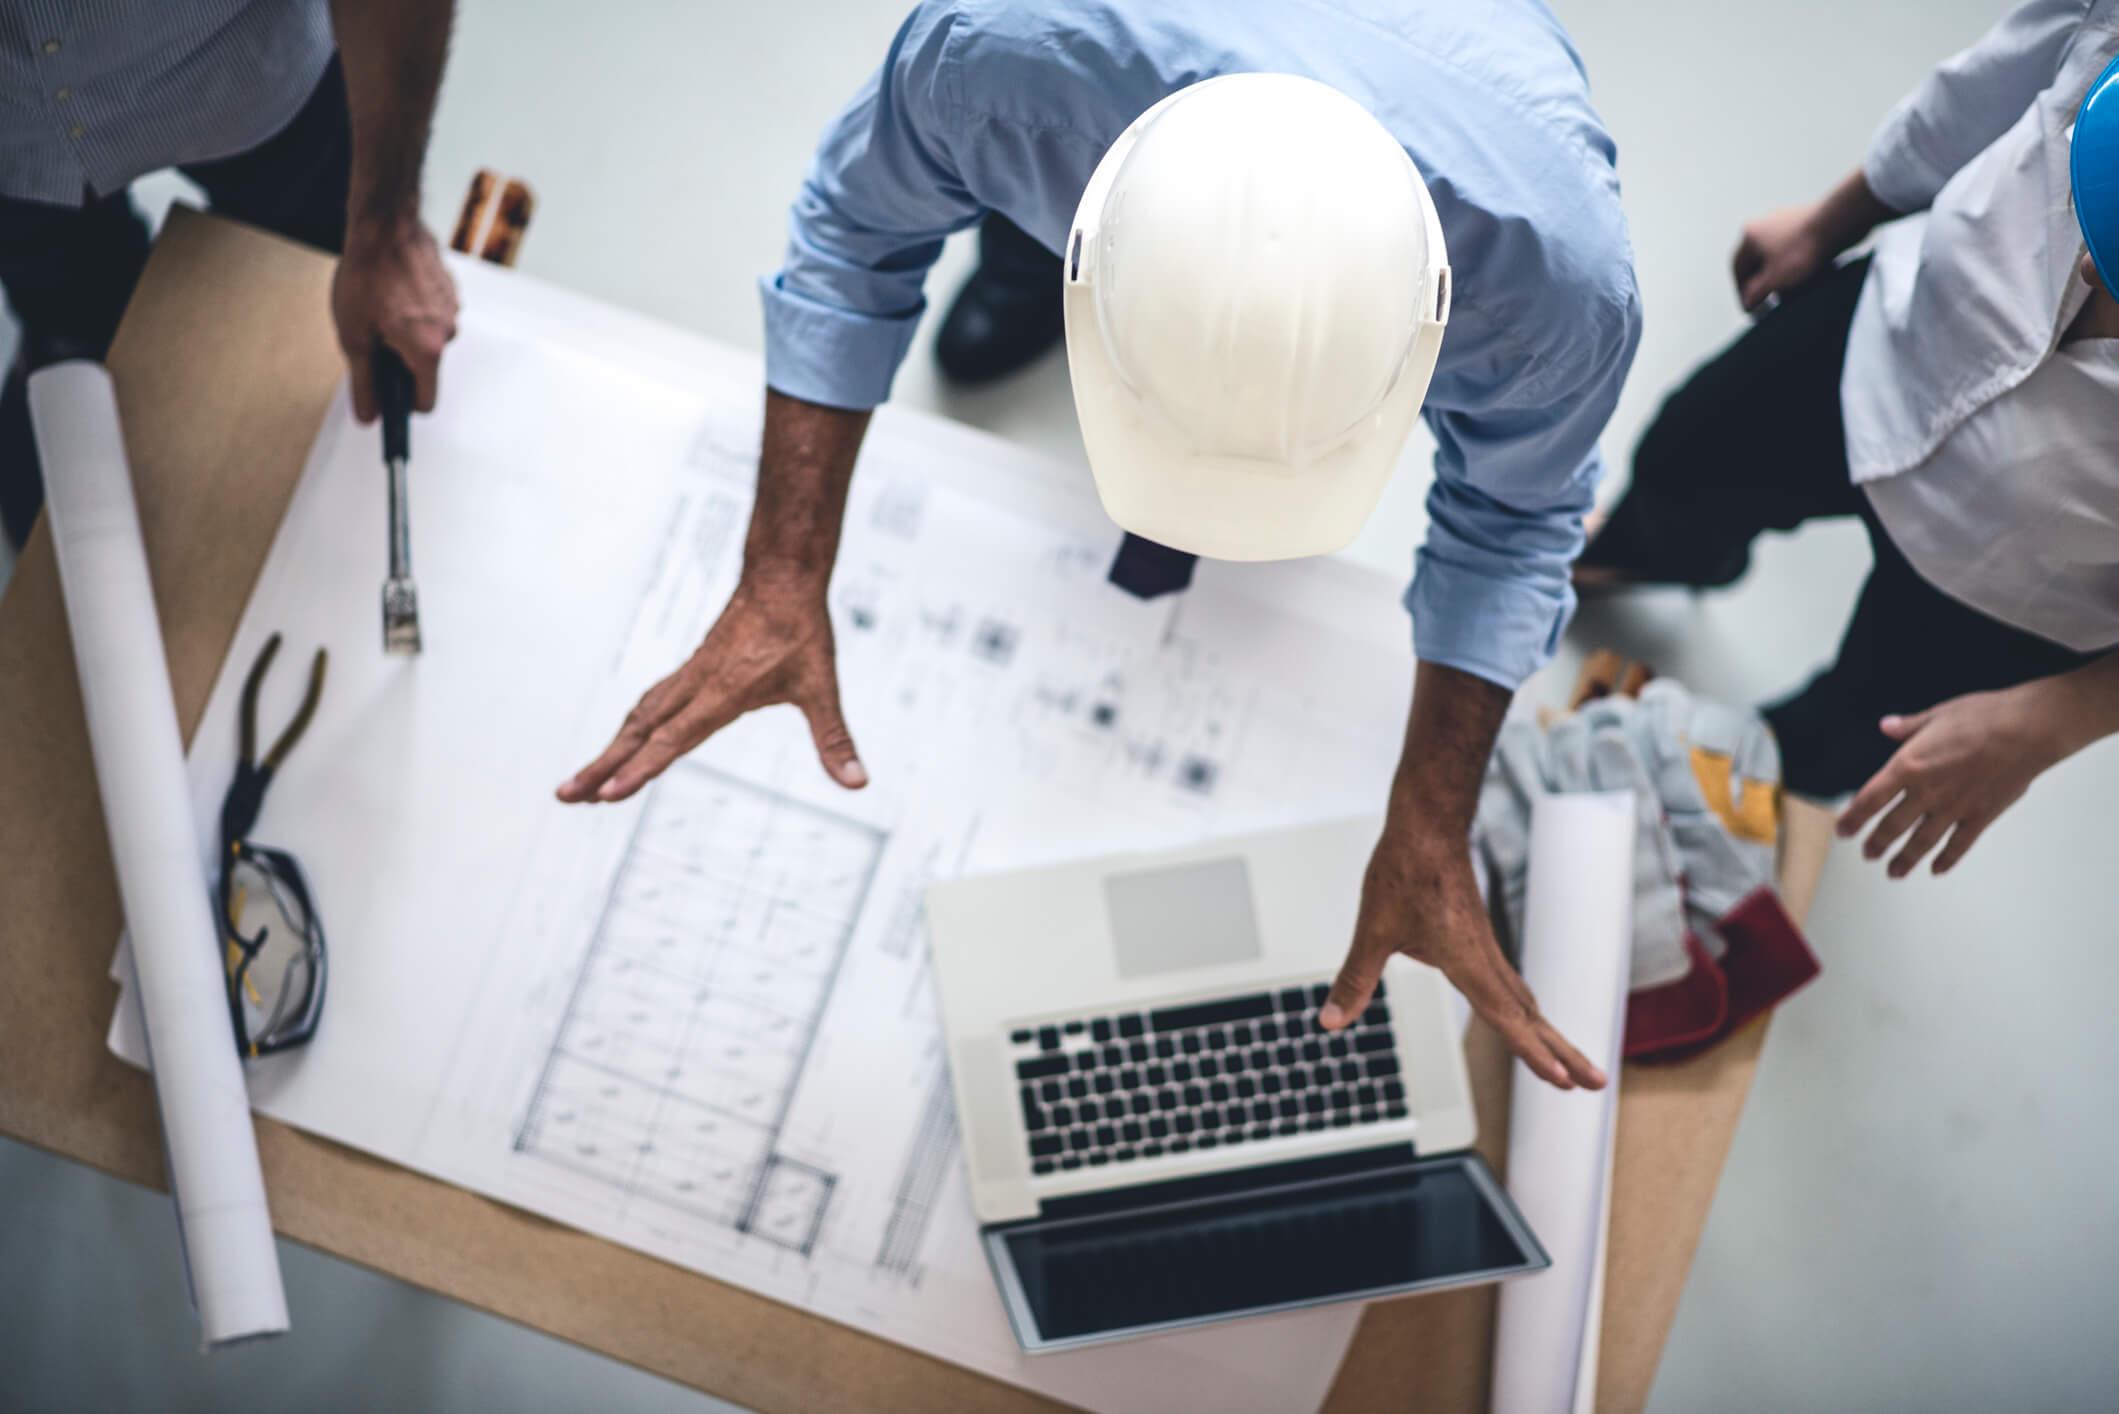 Gestão de compras na construção civil: como melhorar as estratégias?